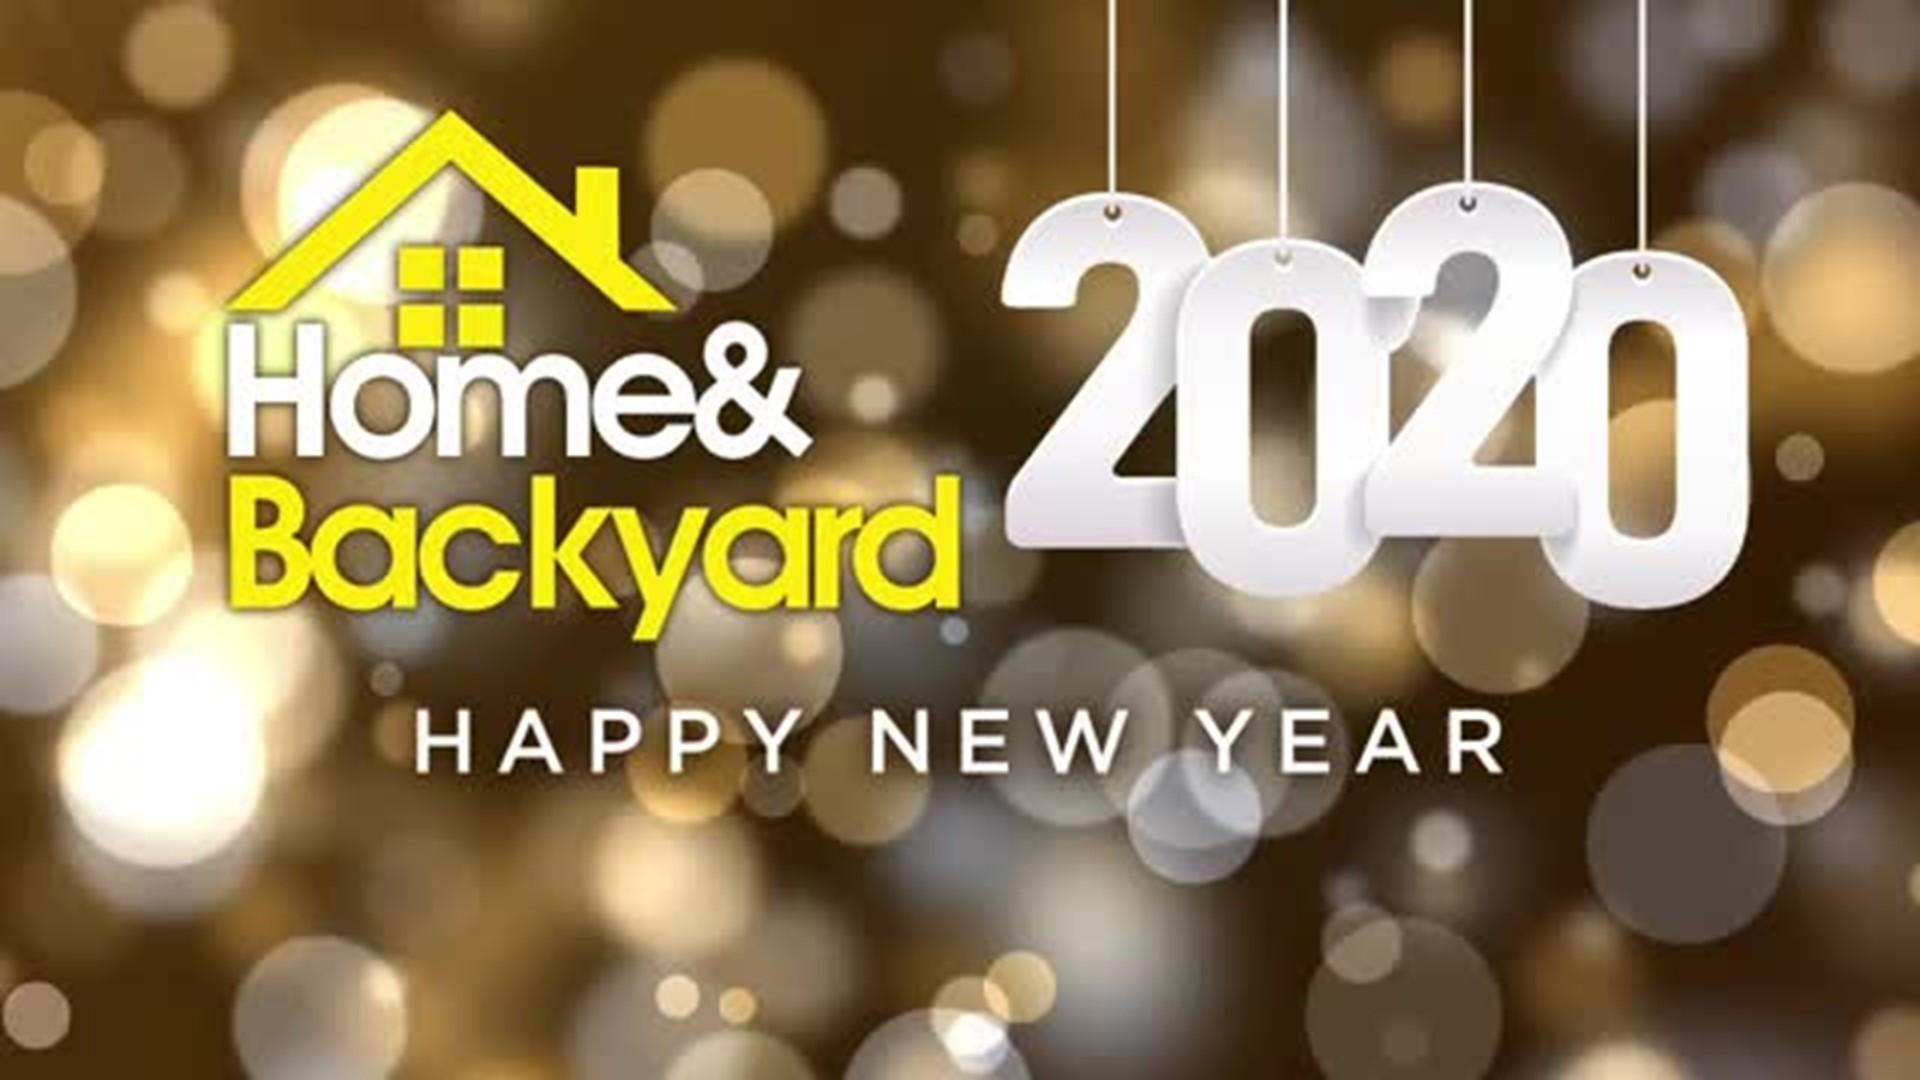 Home & Backyard 2019 Lookback - Part 3   wnep.com